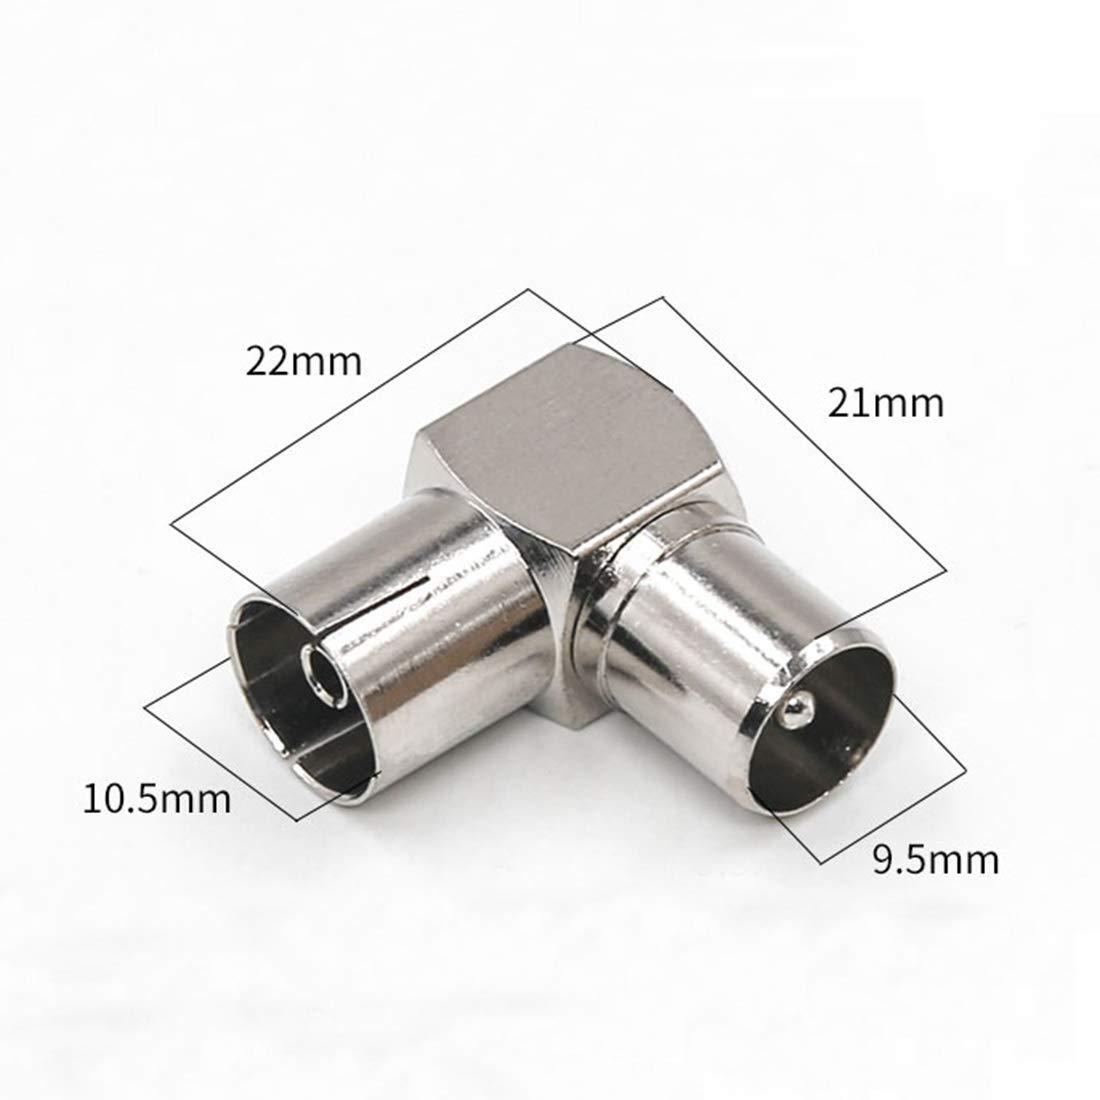 coaxial F Type Connecteur M/âle vers RF TV Antenne M/âle Fiche c/âble Blanc 2 m Plaqu/és Or 2 m/ètre//2m